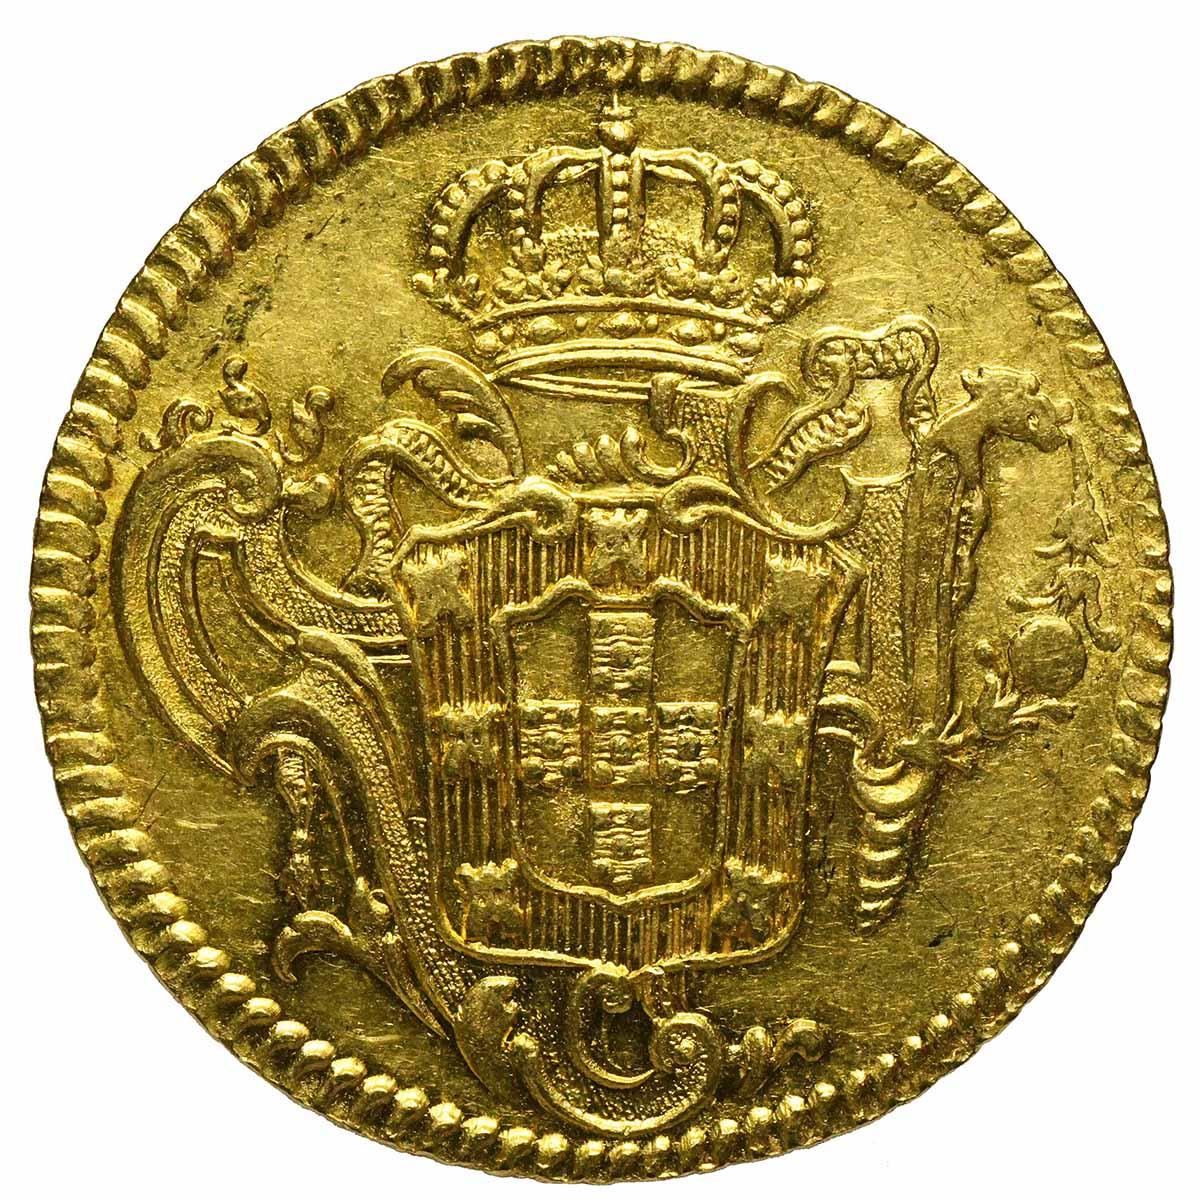 Moneta in oro del Brasile 6400 Reis o peca di Re Jose